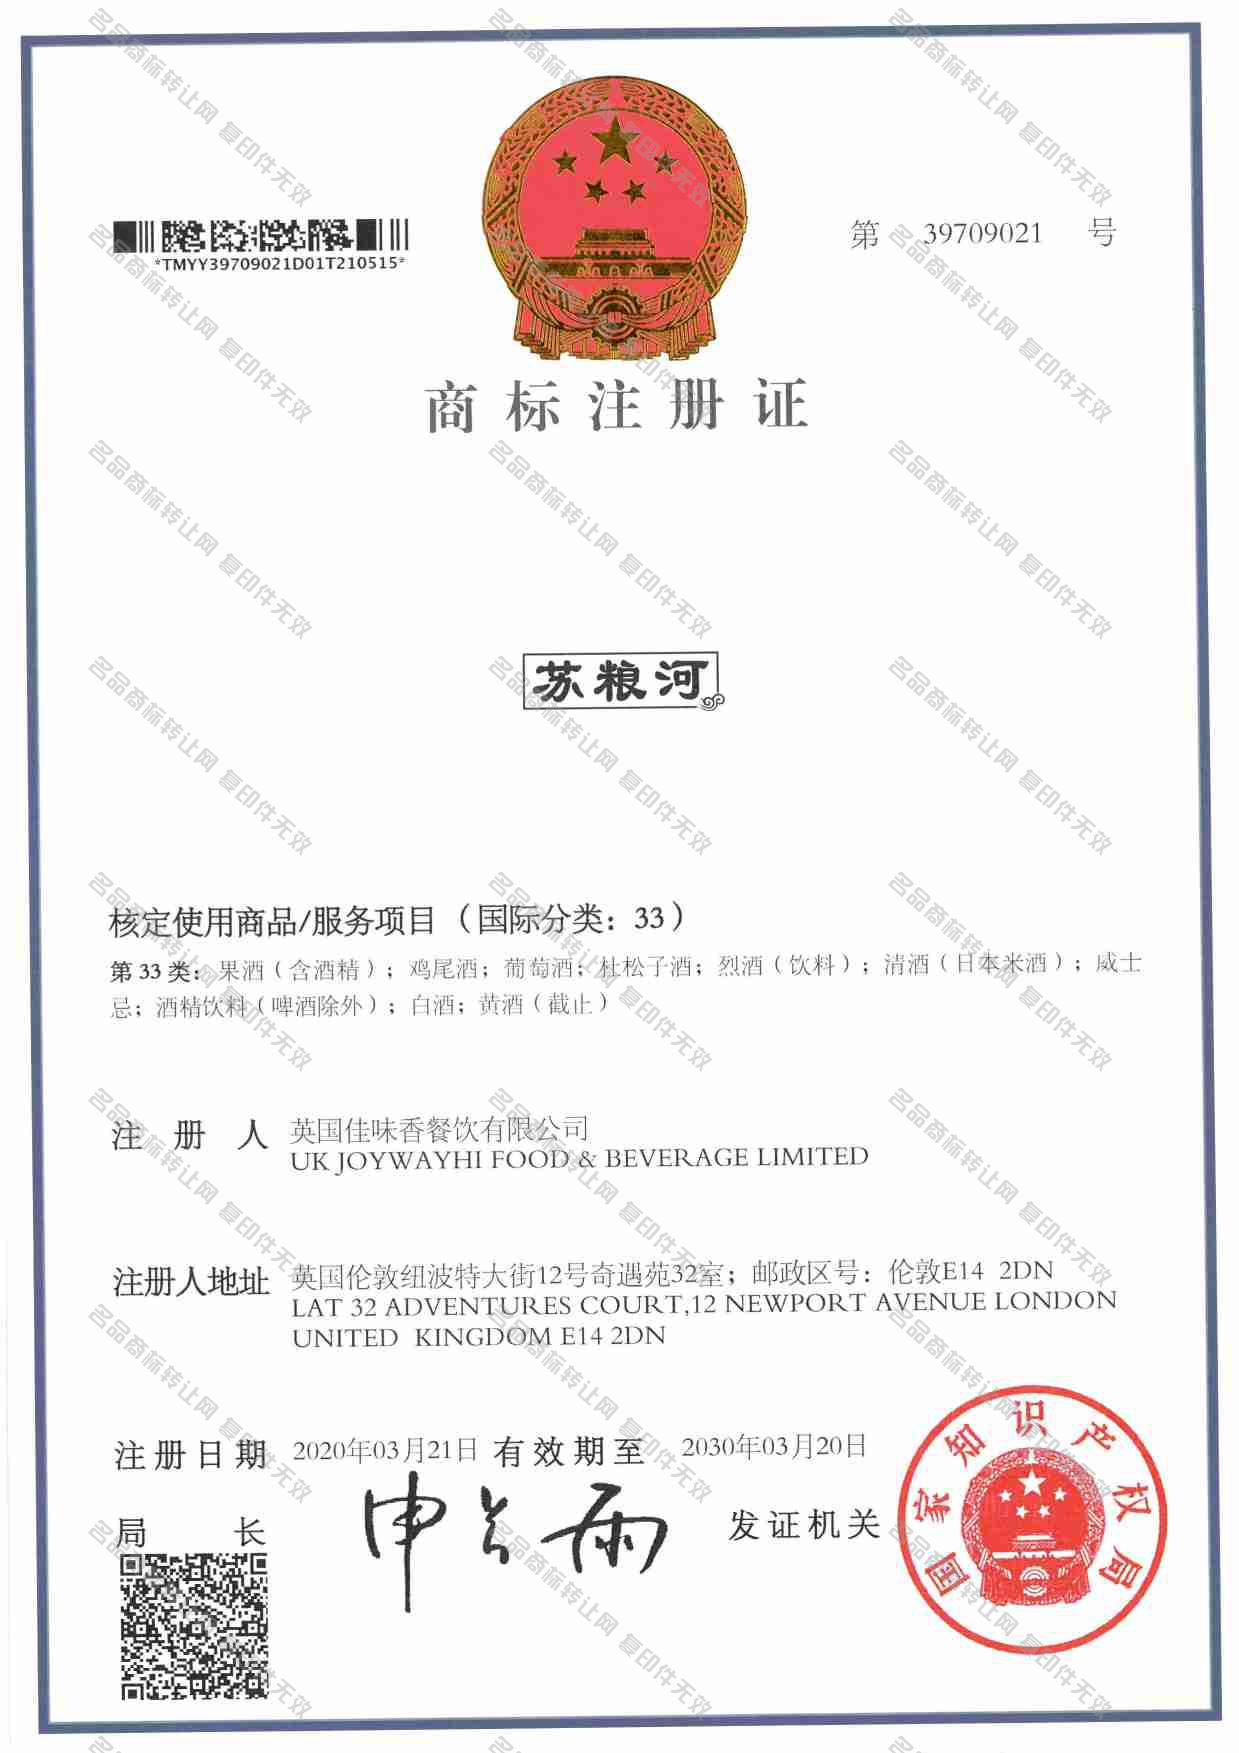 苏粮河注册证